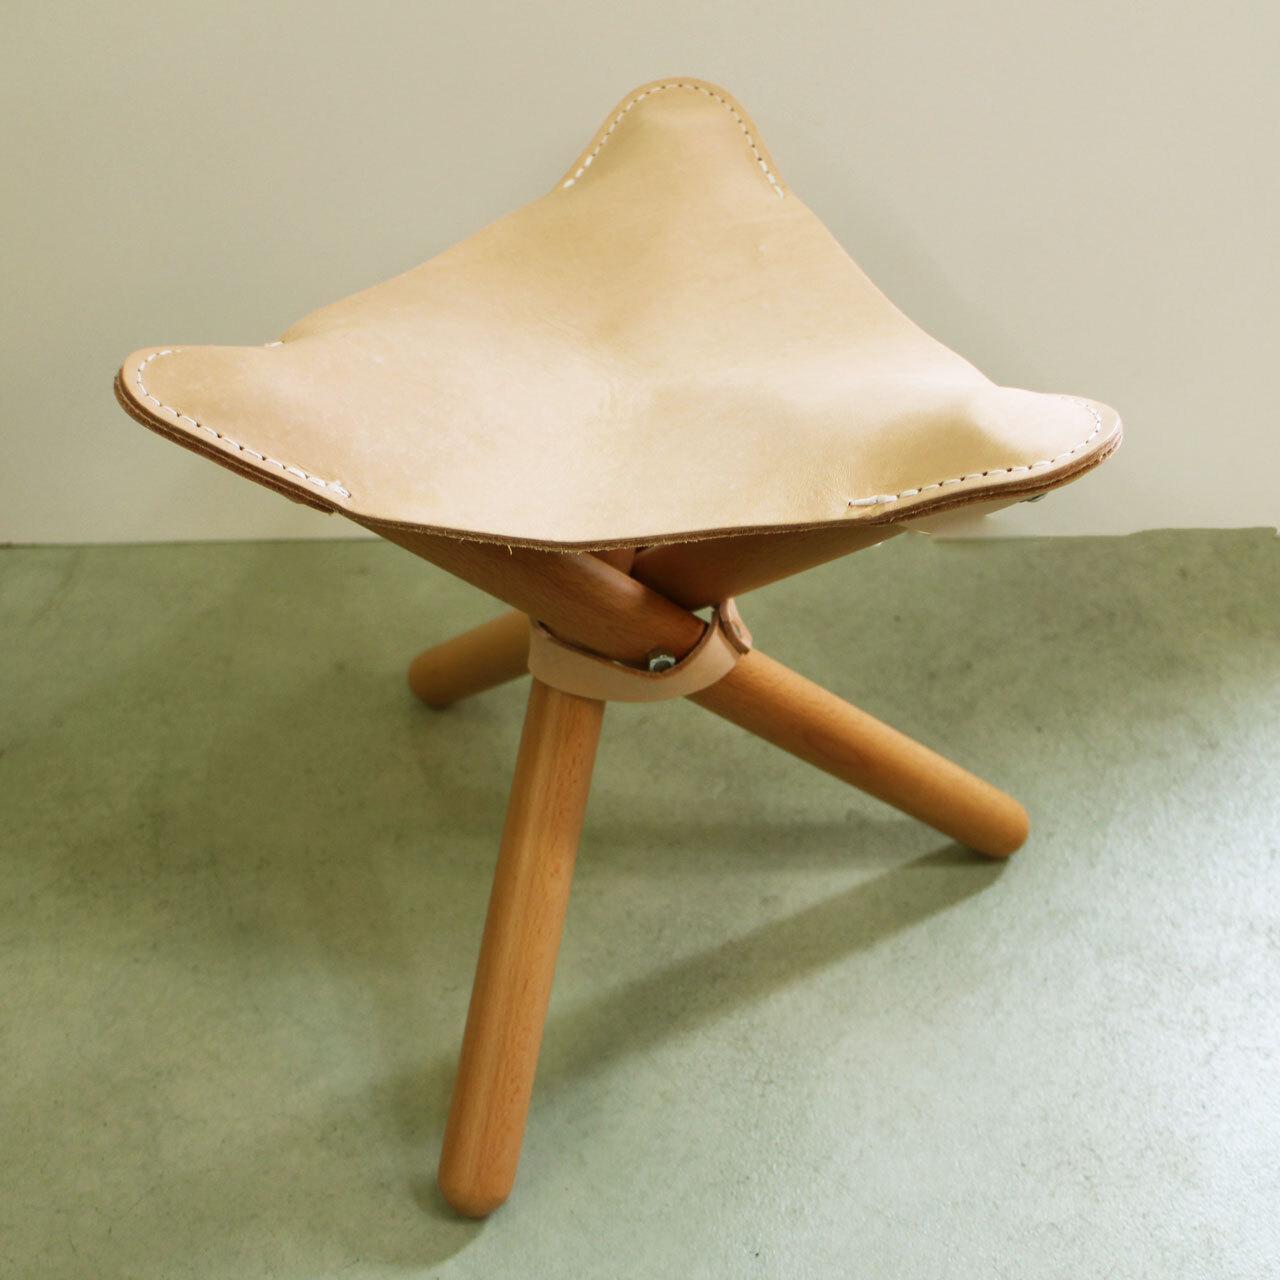 ROMO ロモ  sansa chair  サンサチェアー  ヌメ革の折り畳み椅子